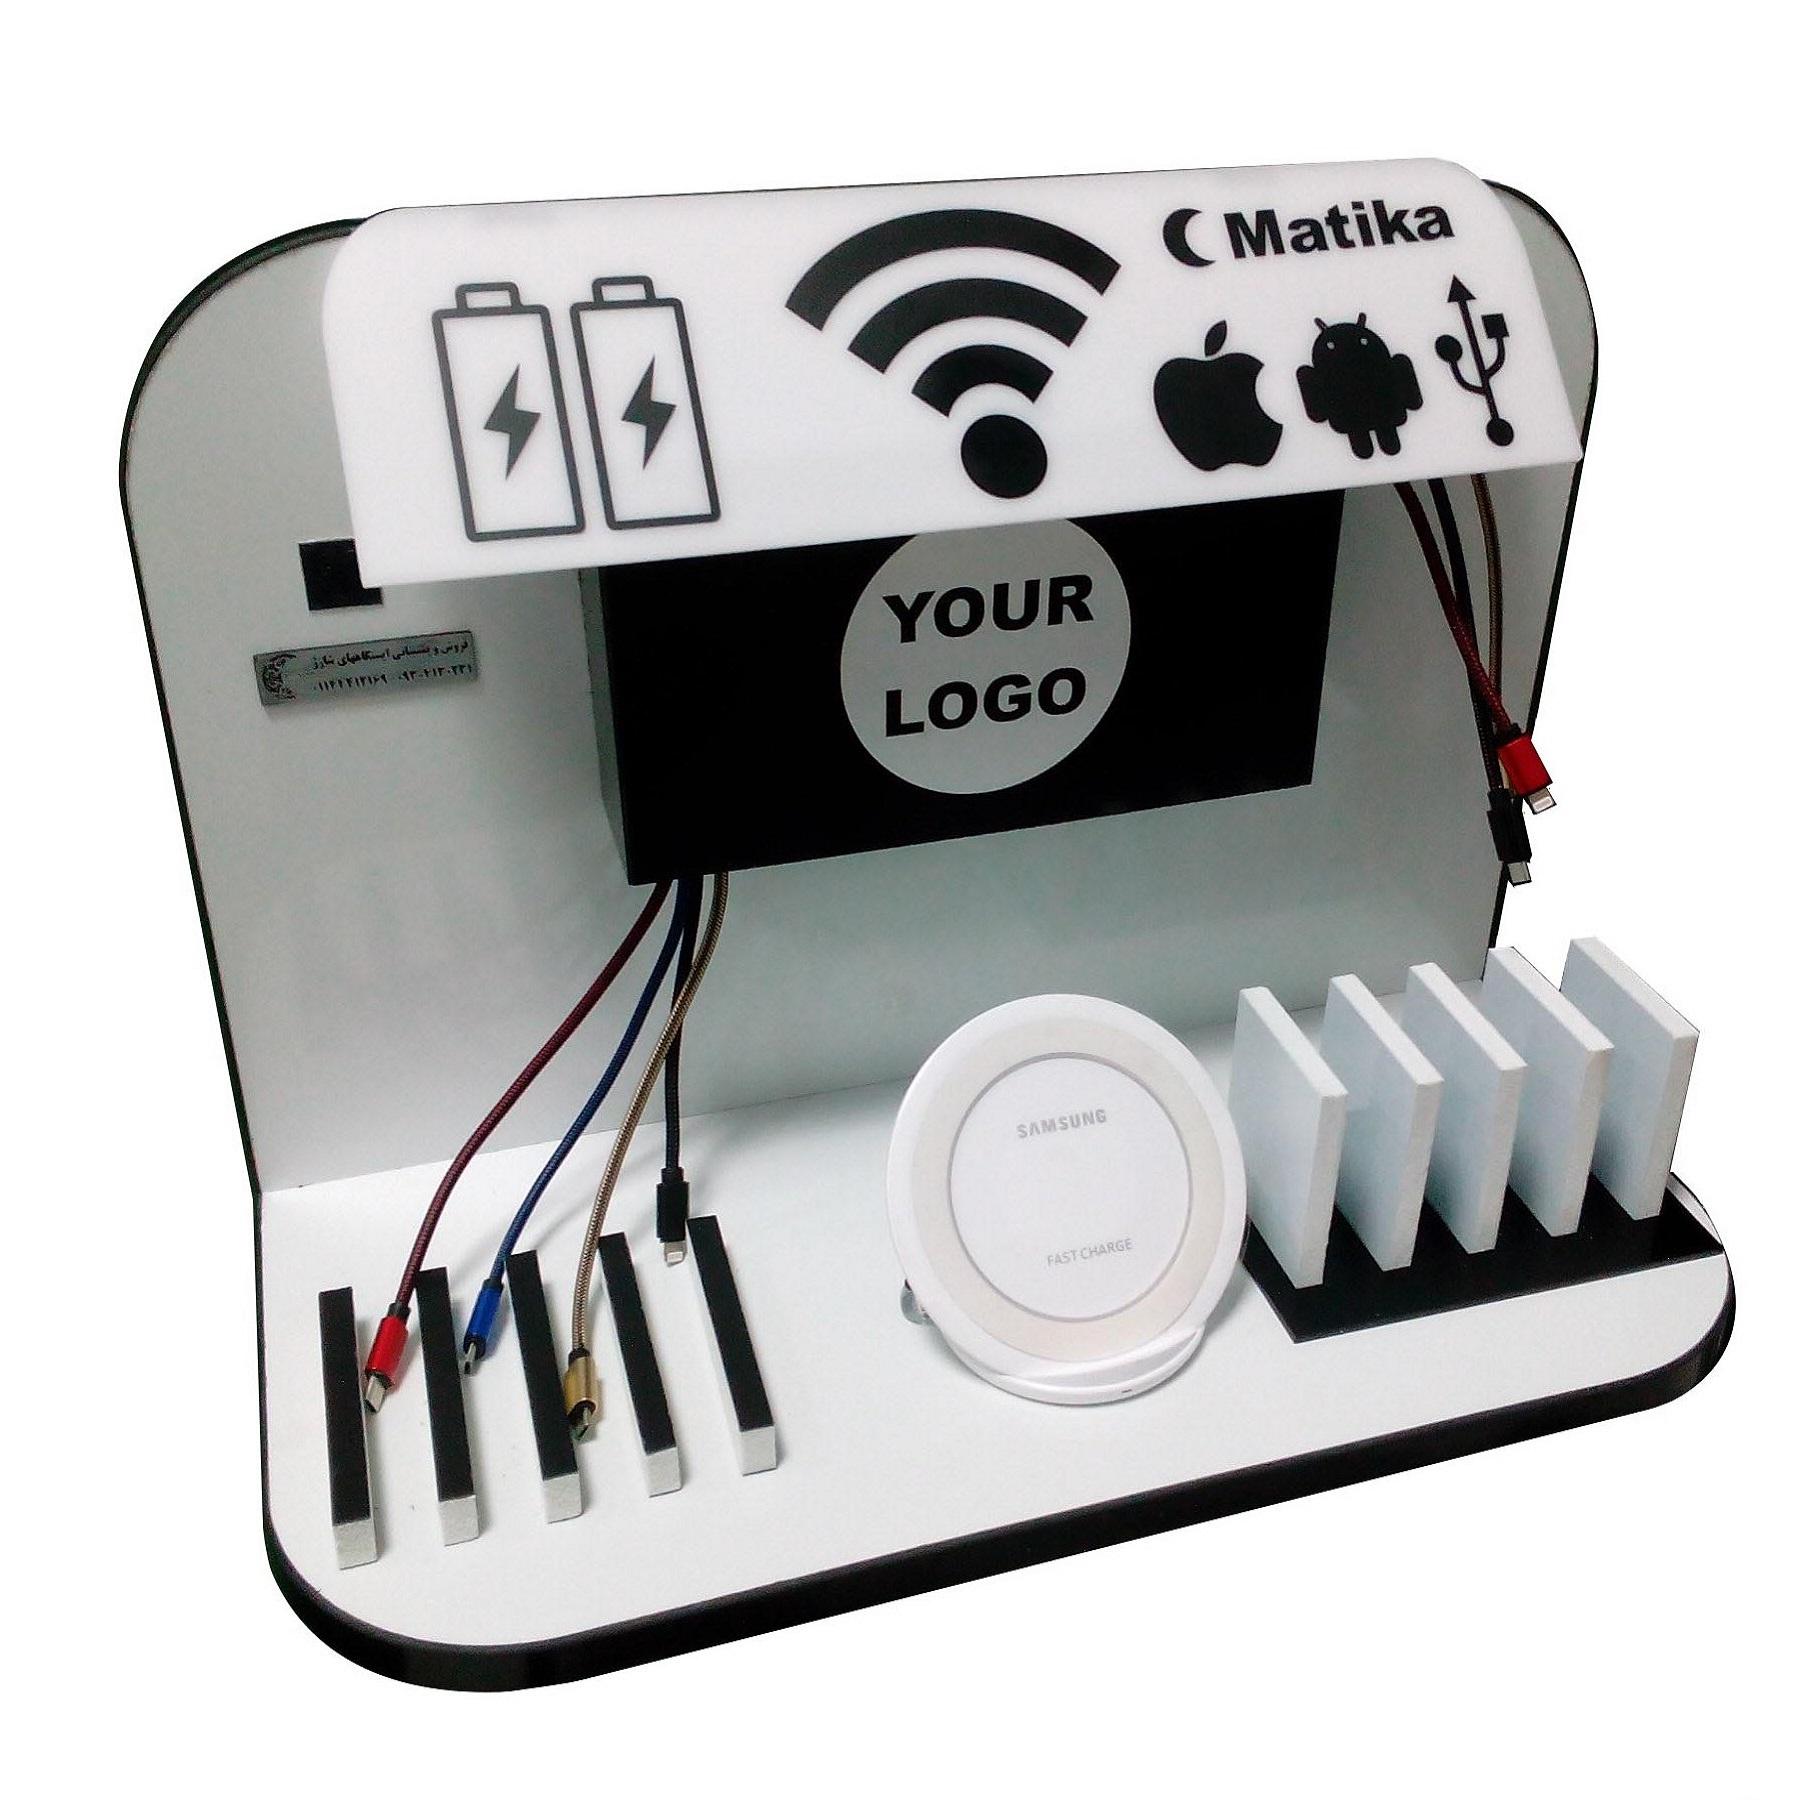 موبایل - شارژر موبایل - شارژر وایرلس - شارژر بی سیم - شارژرهای قفل دار - شارژرهای فست - دستگاه تبلیغاتی - شارژر رومیزی - شارژر عمومی